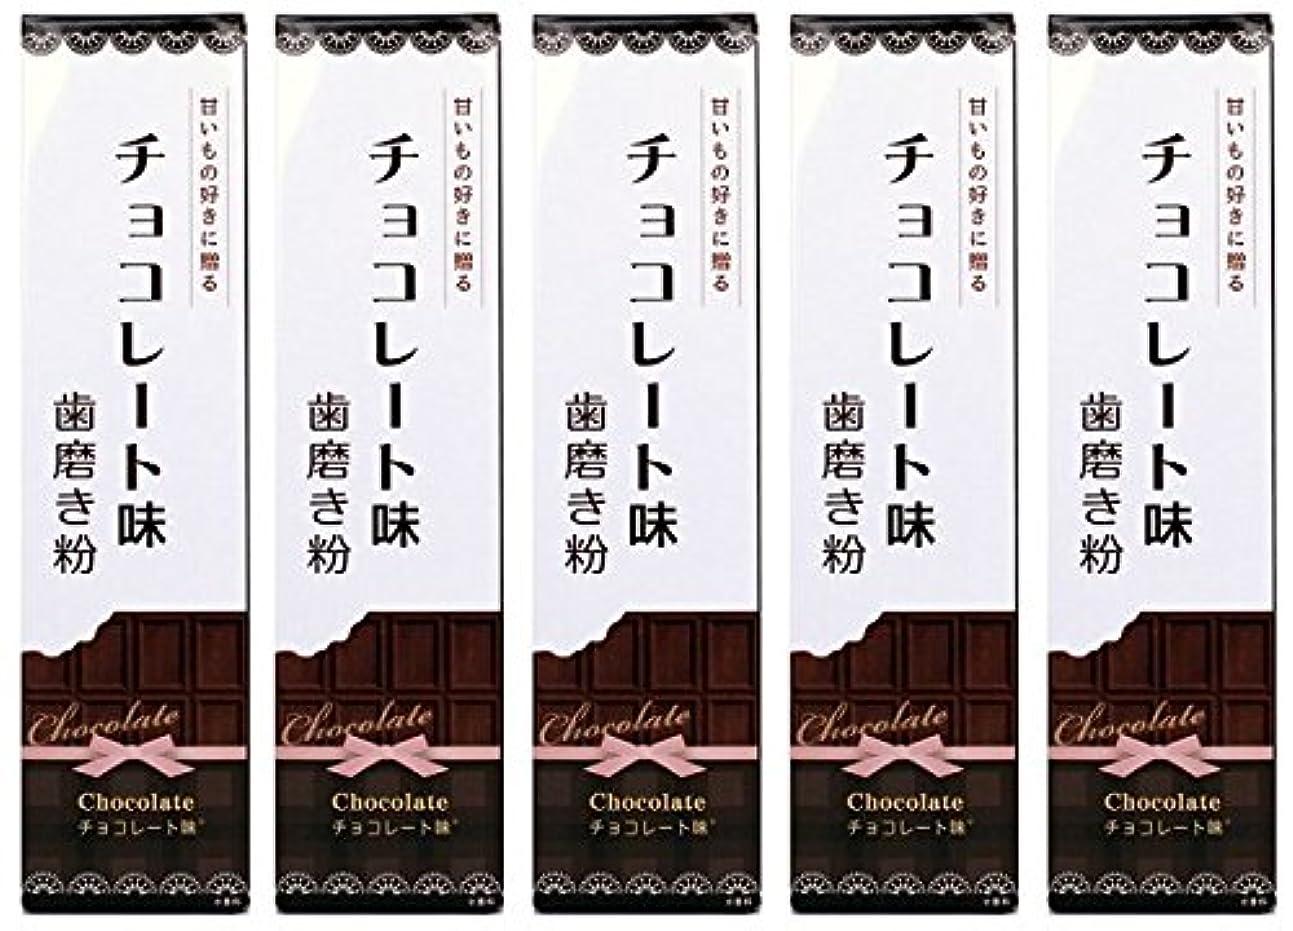 ボット幾分公使館SWEETS 歯磨き粉 チョコレート味 70g (5本)